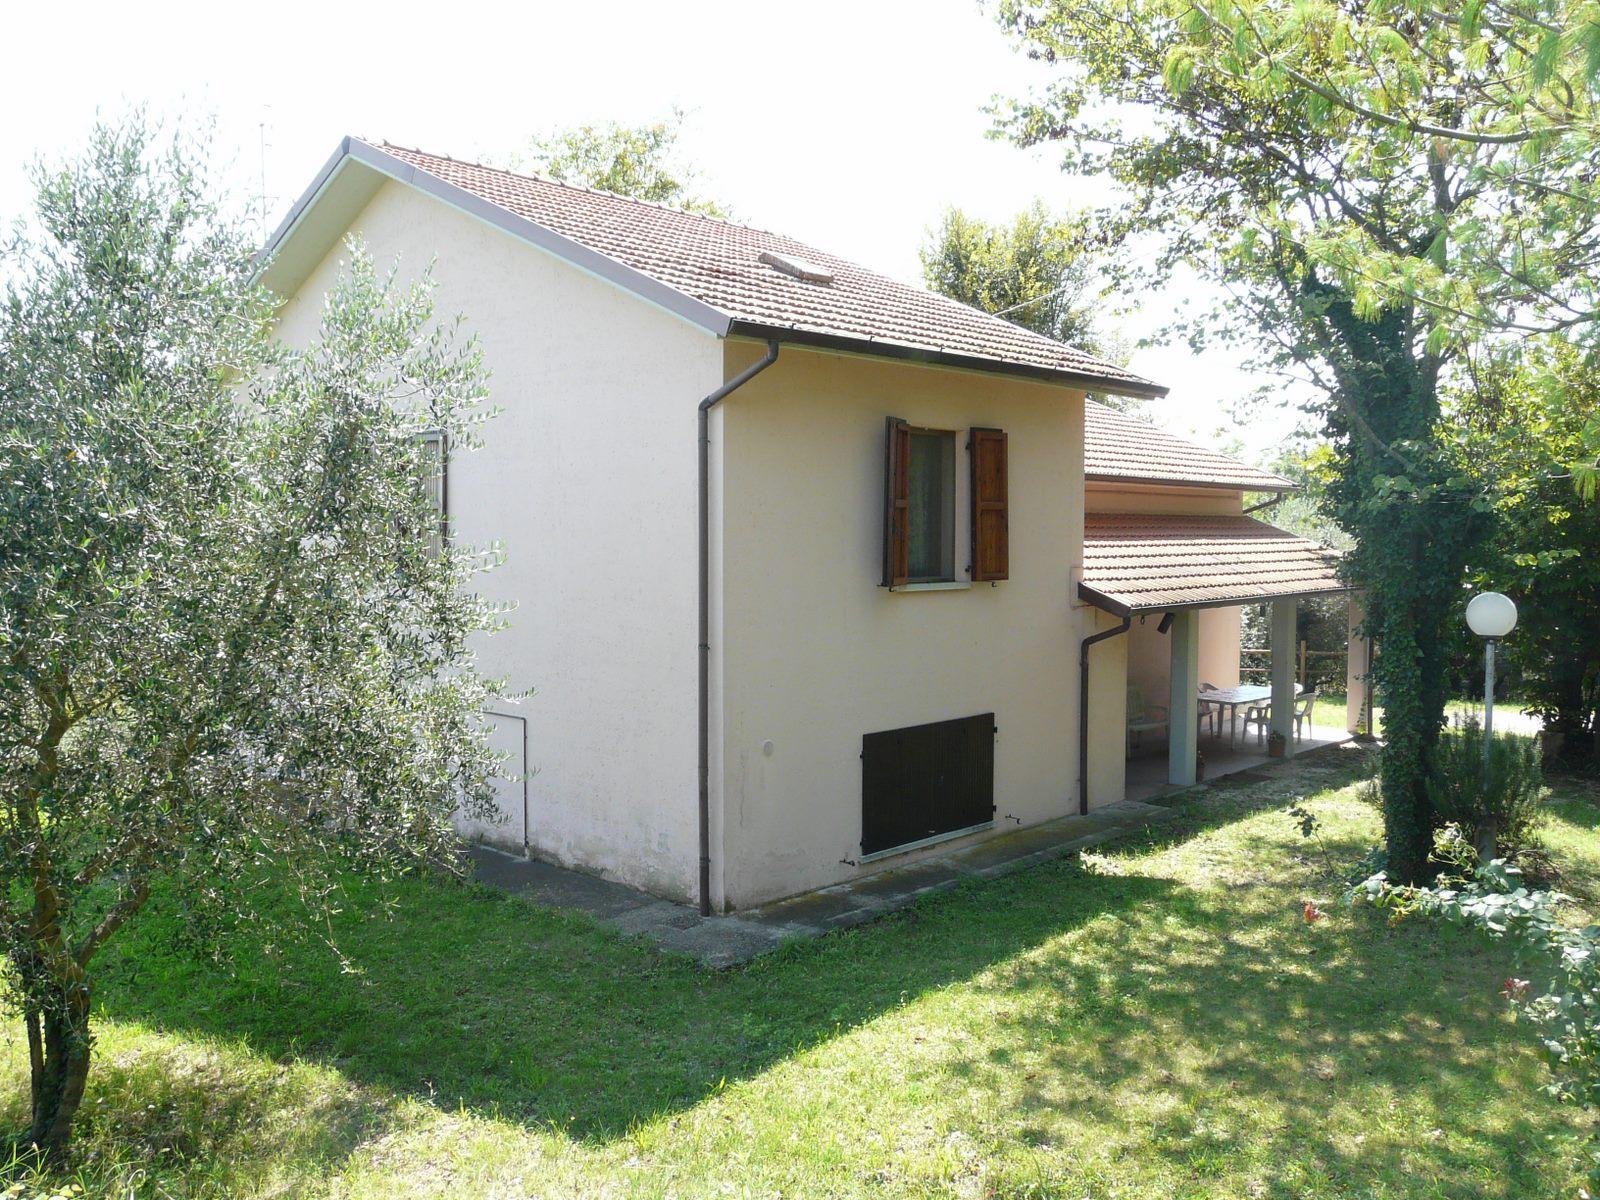 Ferienhaus Ca Brunino (1491621), Fano (IT), Adriaküste (Marken), Marken, Italien, Bild 13